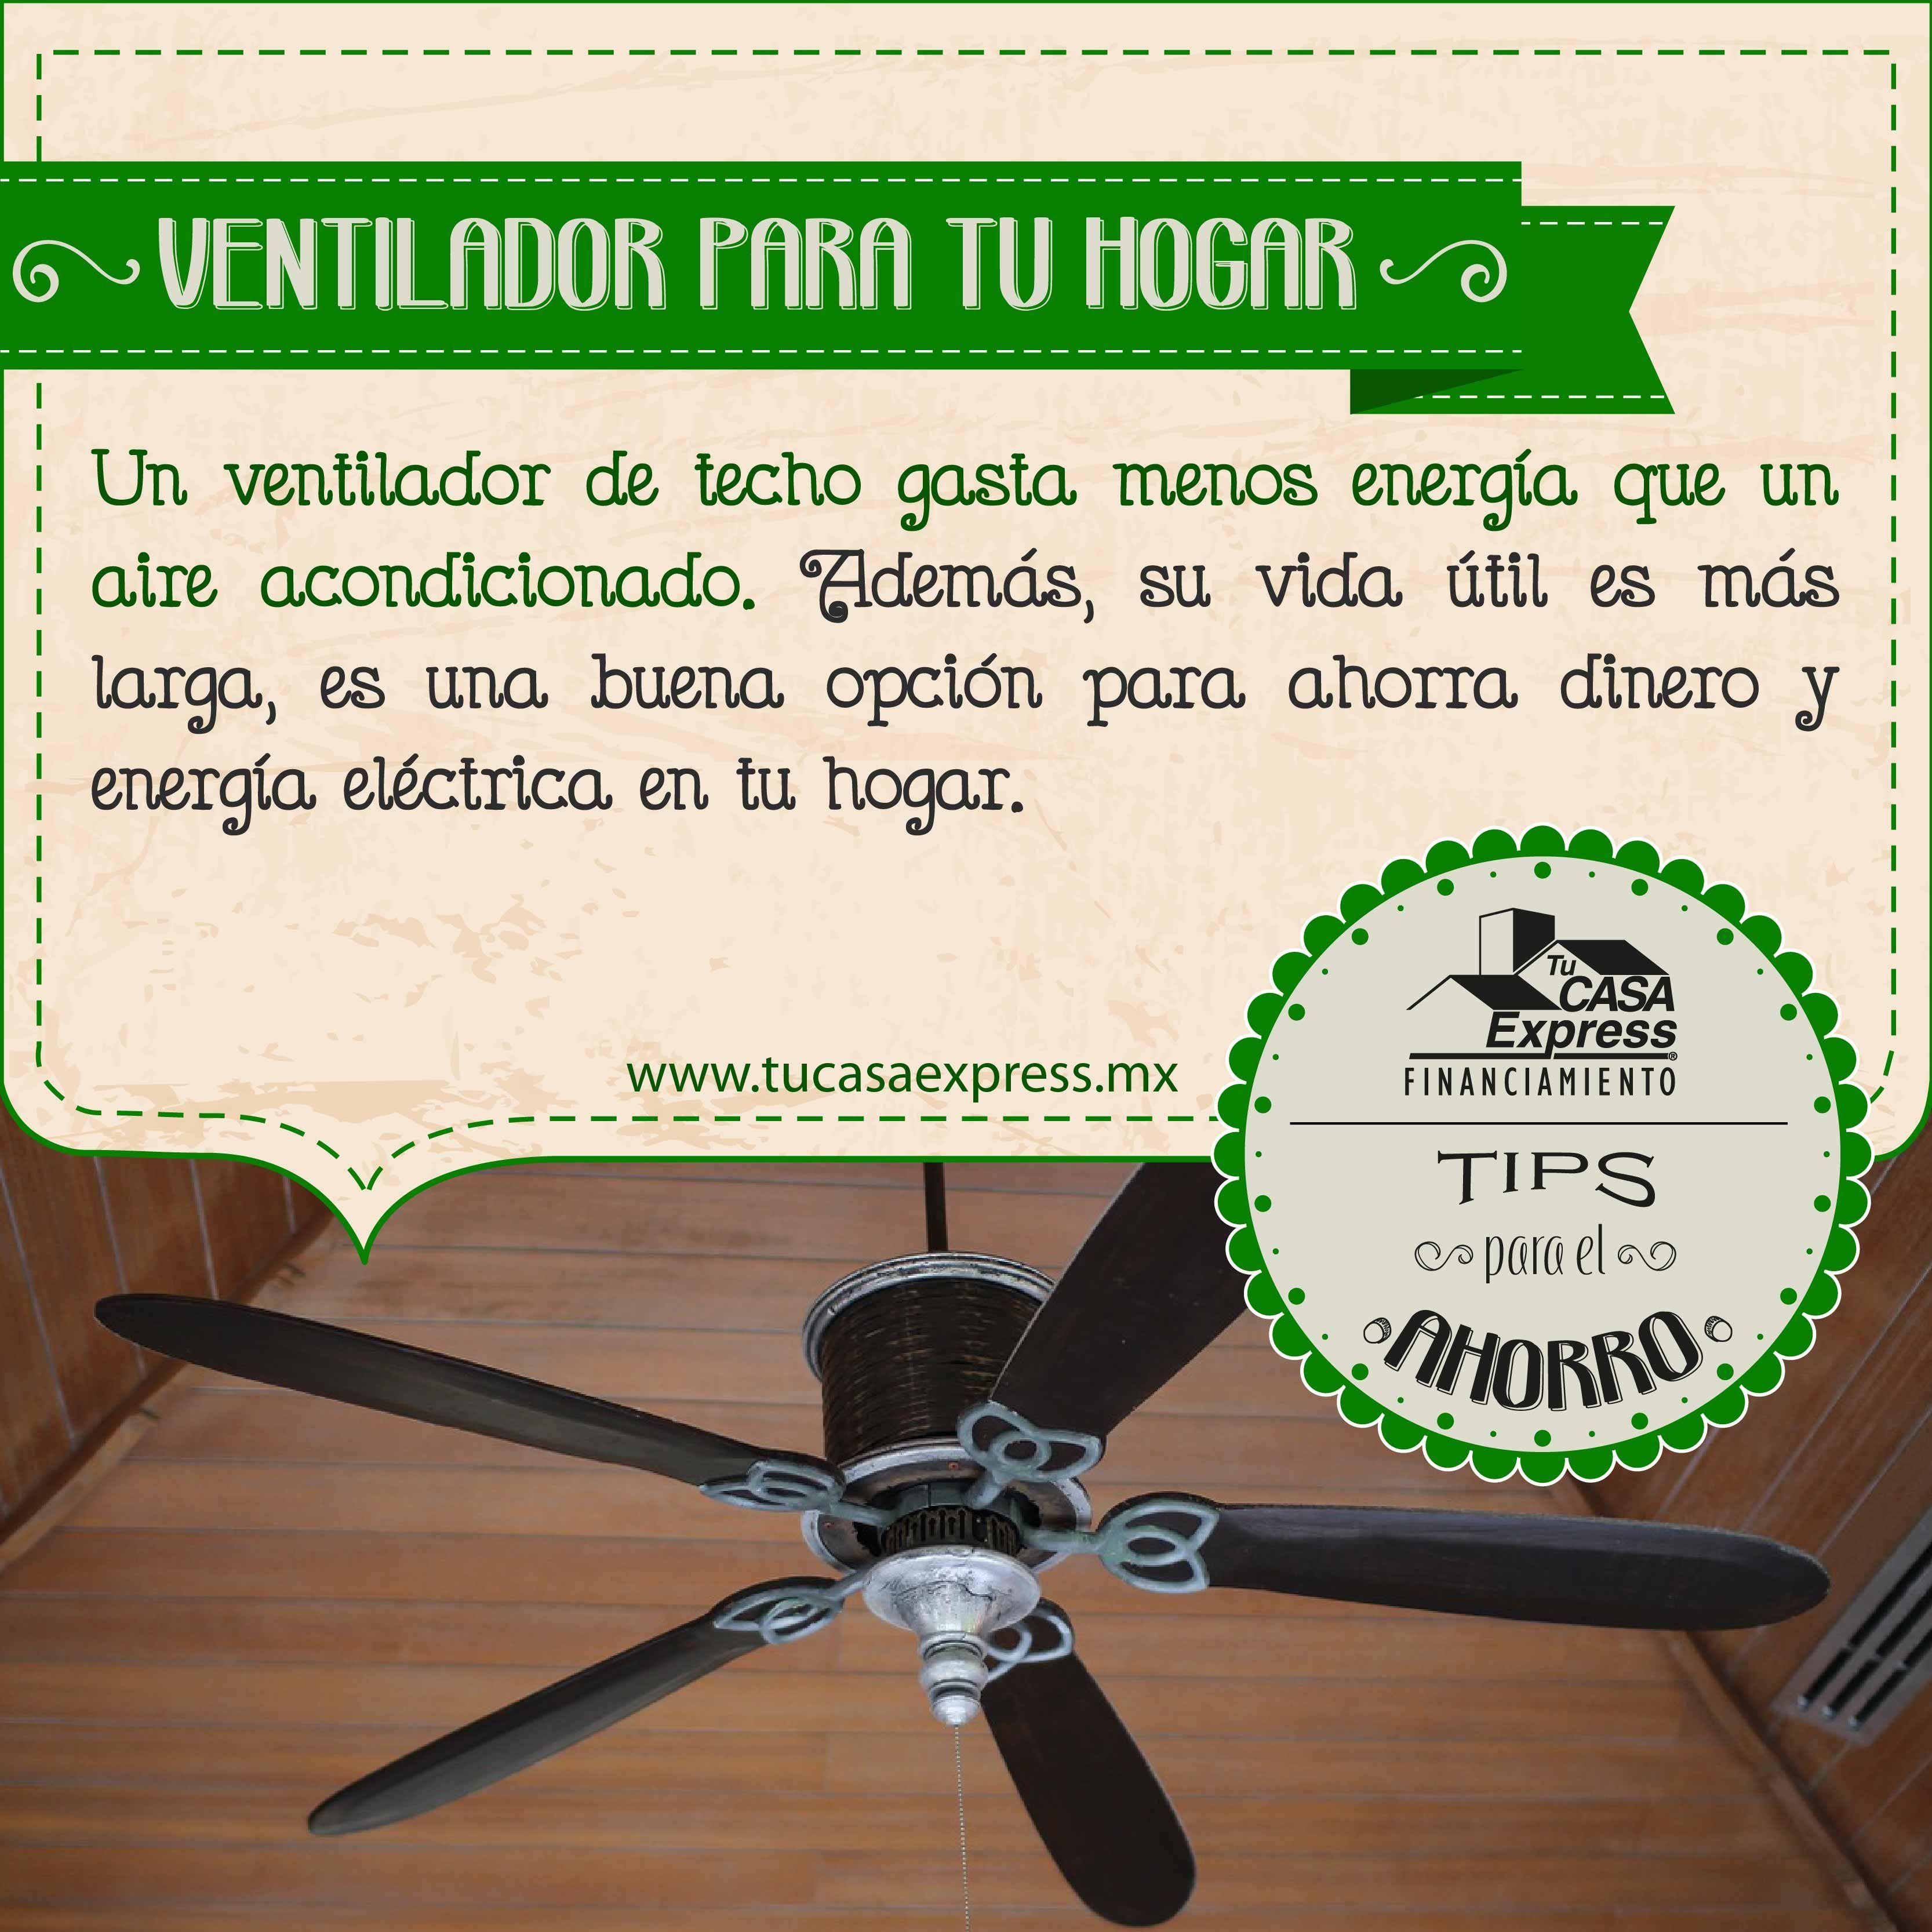 Ahorra energía eléctrica y dinero en tu hogar con estos #TipsExpress ...